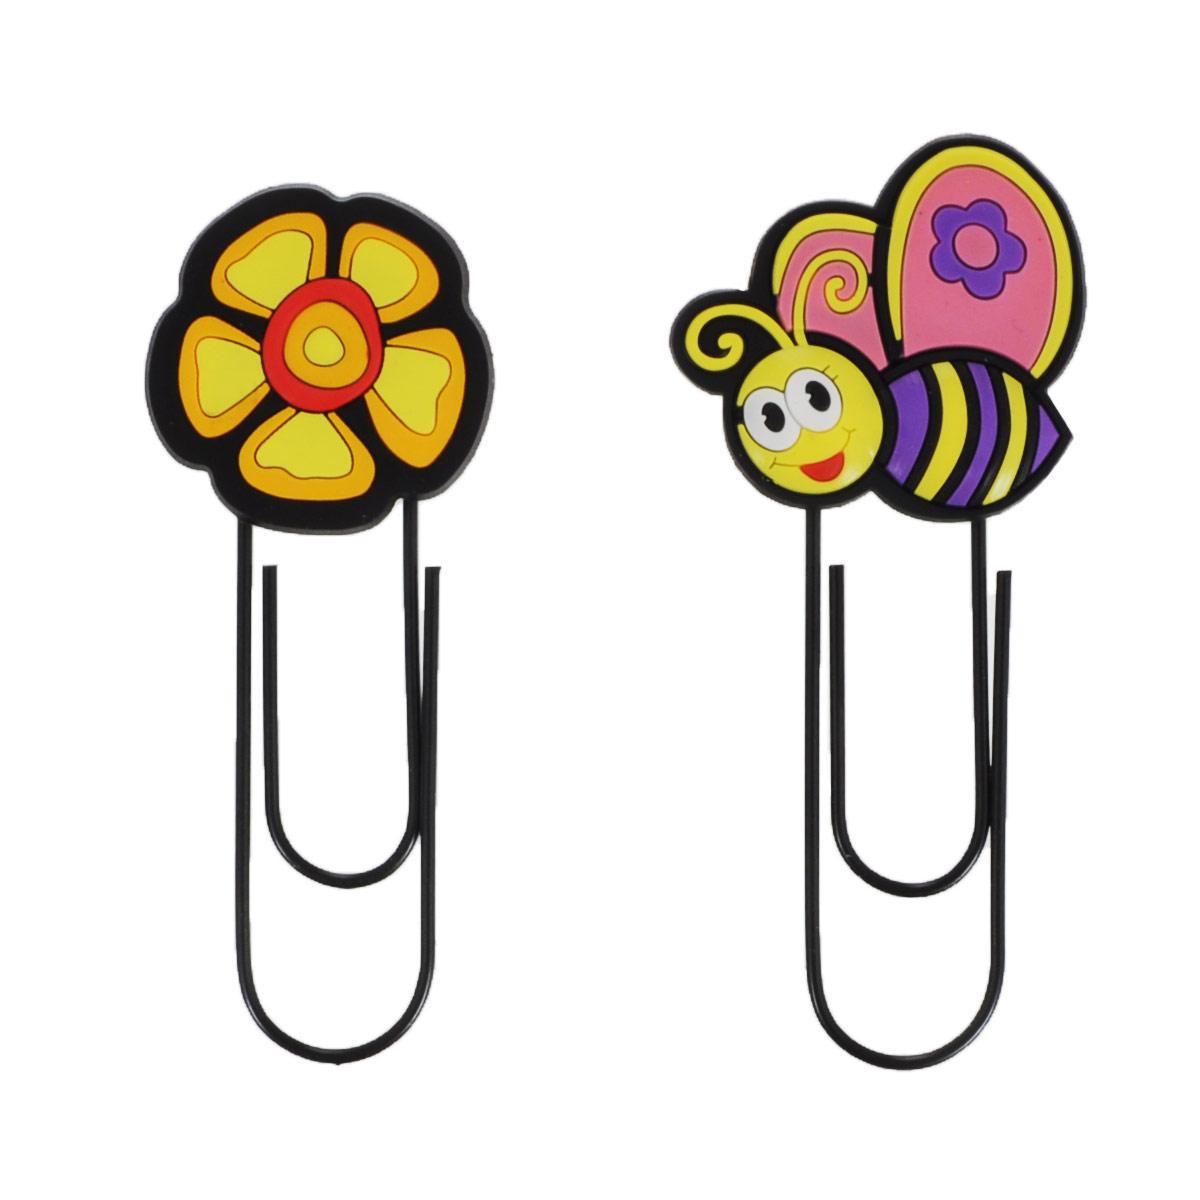 Набор скрепок-закладок Fancy Пчелка, цветок, 2 шт.C15414/ FMB1125_пчелка/цветокОригинальная закладка для книг и учебников в виде большой скрепки, украшенной забавной фигуркой, обязательно понравится вашему ребенку и не даст ему забыть, на какой странице книги он остановился. Такая закладка всегда поможет быстро найти нужную страницу и подарит хорошее настроение. В набор входят две скрепки-закладки, украшенные фигурками пчелки и цветка. Характеристики: Общая длина скрепки-закладки: 12 см. Размер пчелки:5 см х 5 см. Материал:ПВХ, металл.